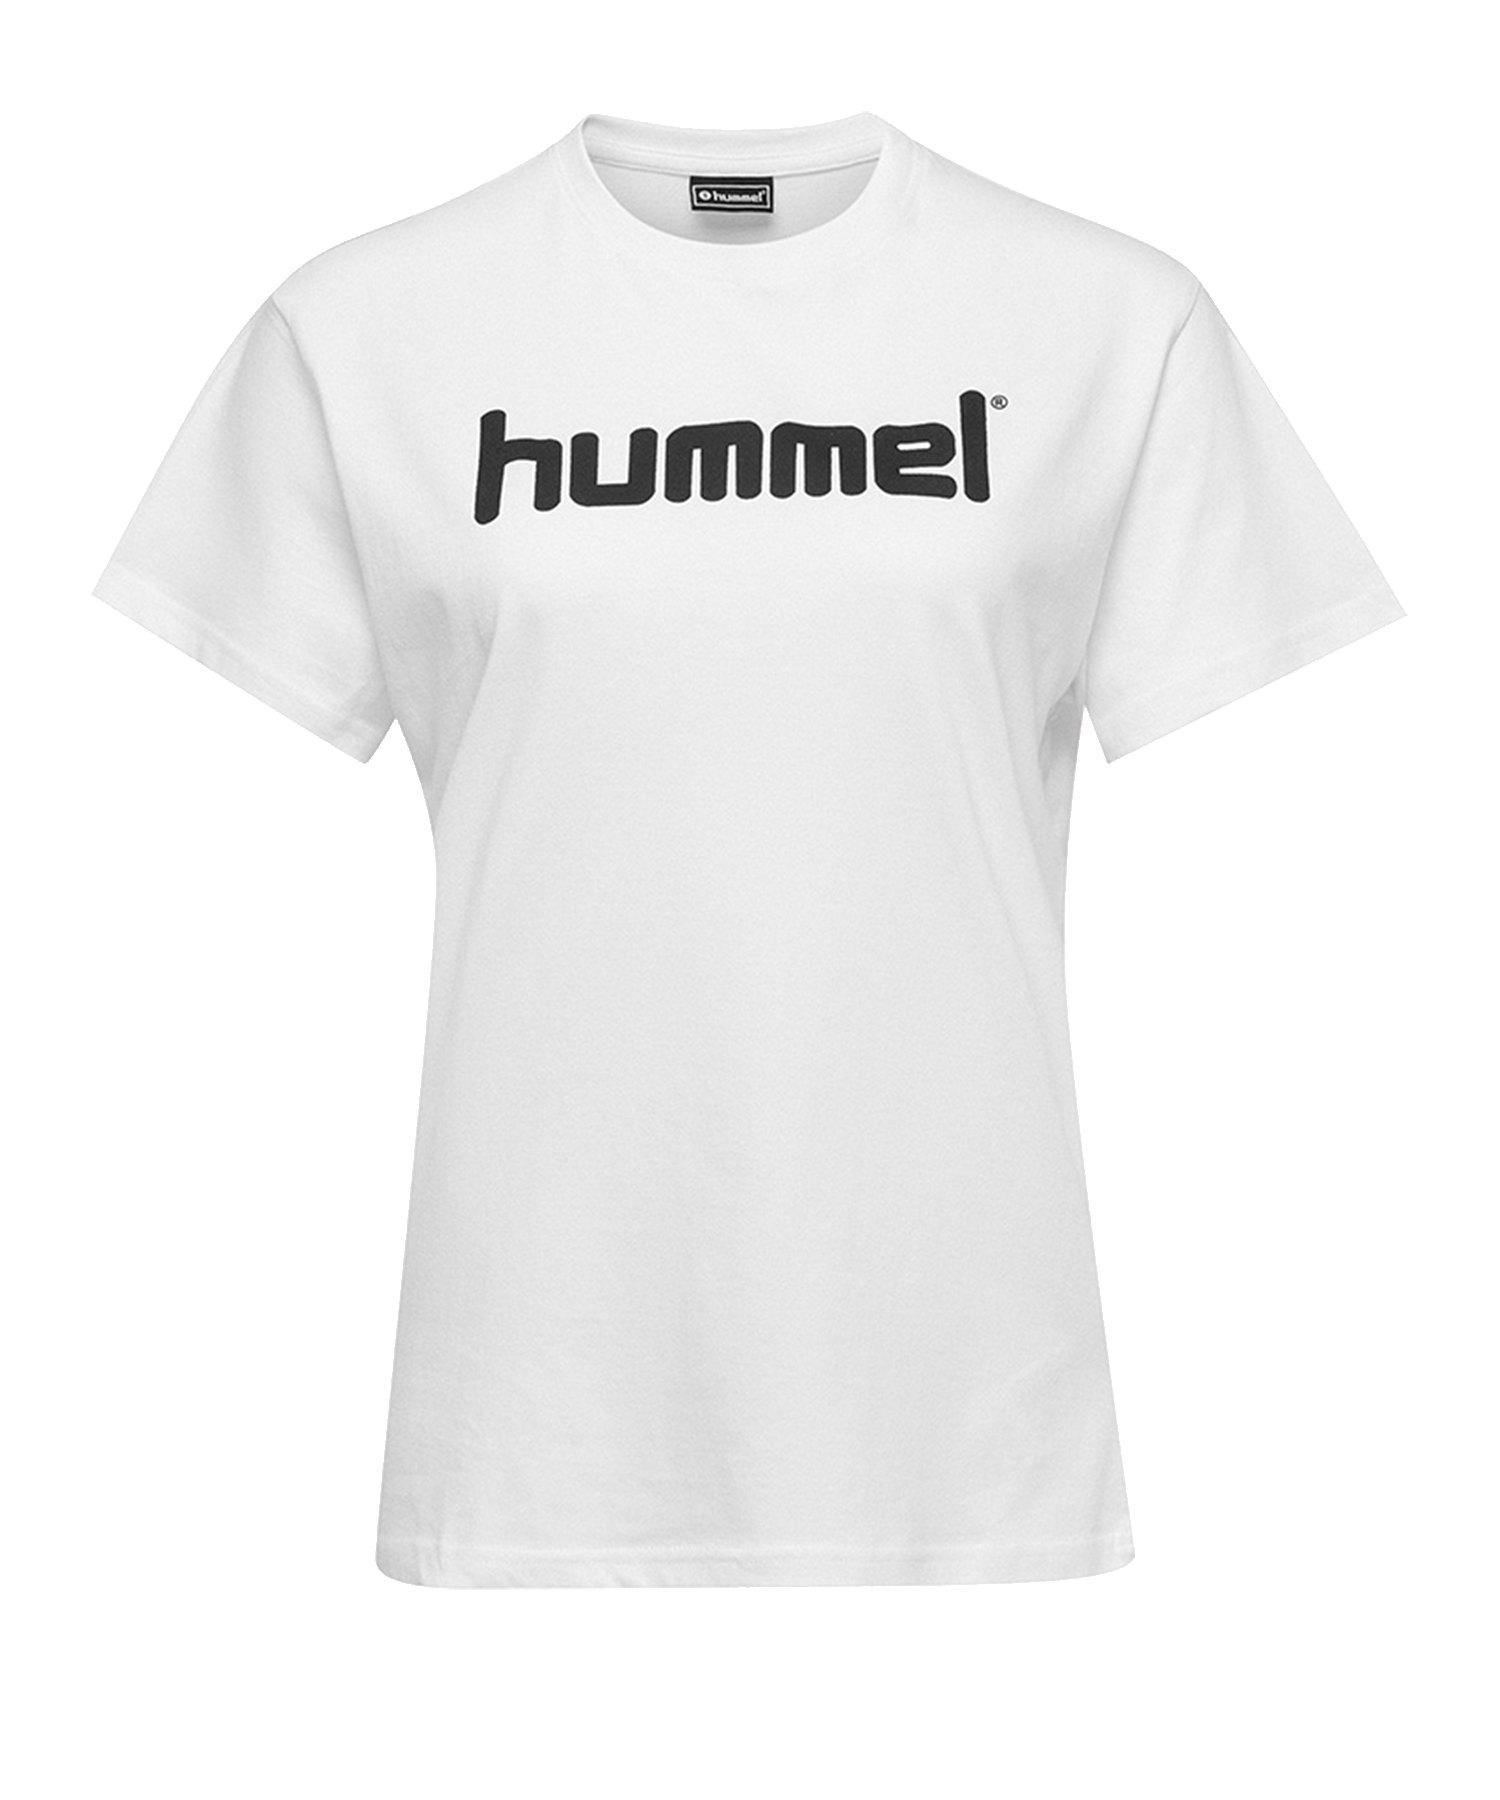 Hummel Cotton T-Shirt Logo Damen Weiss F9001 - Weiss